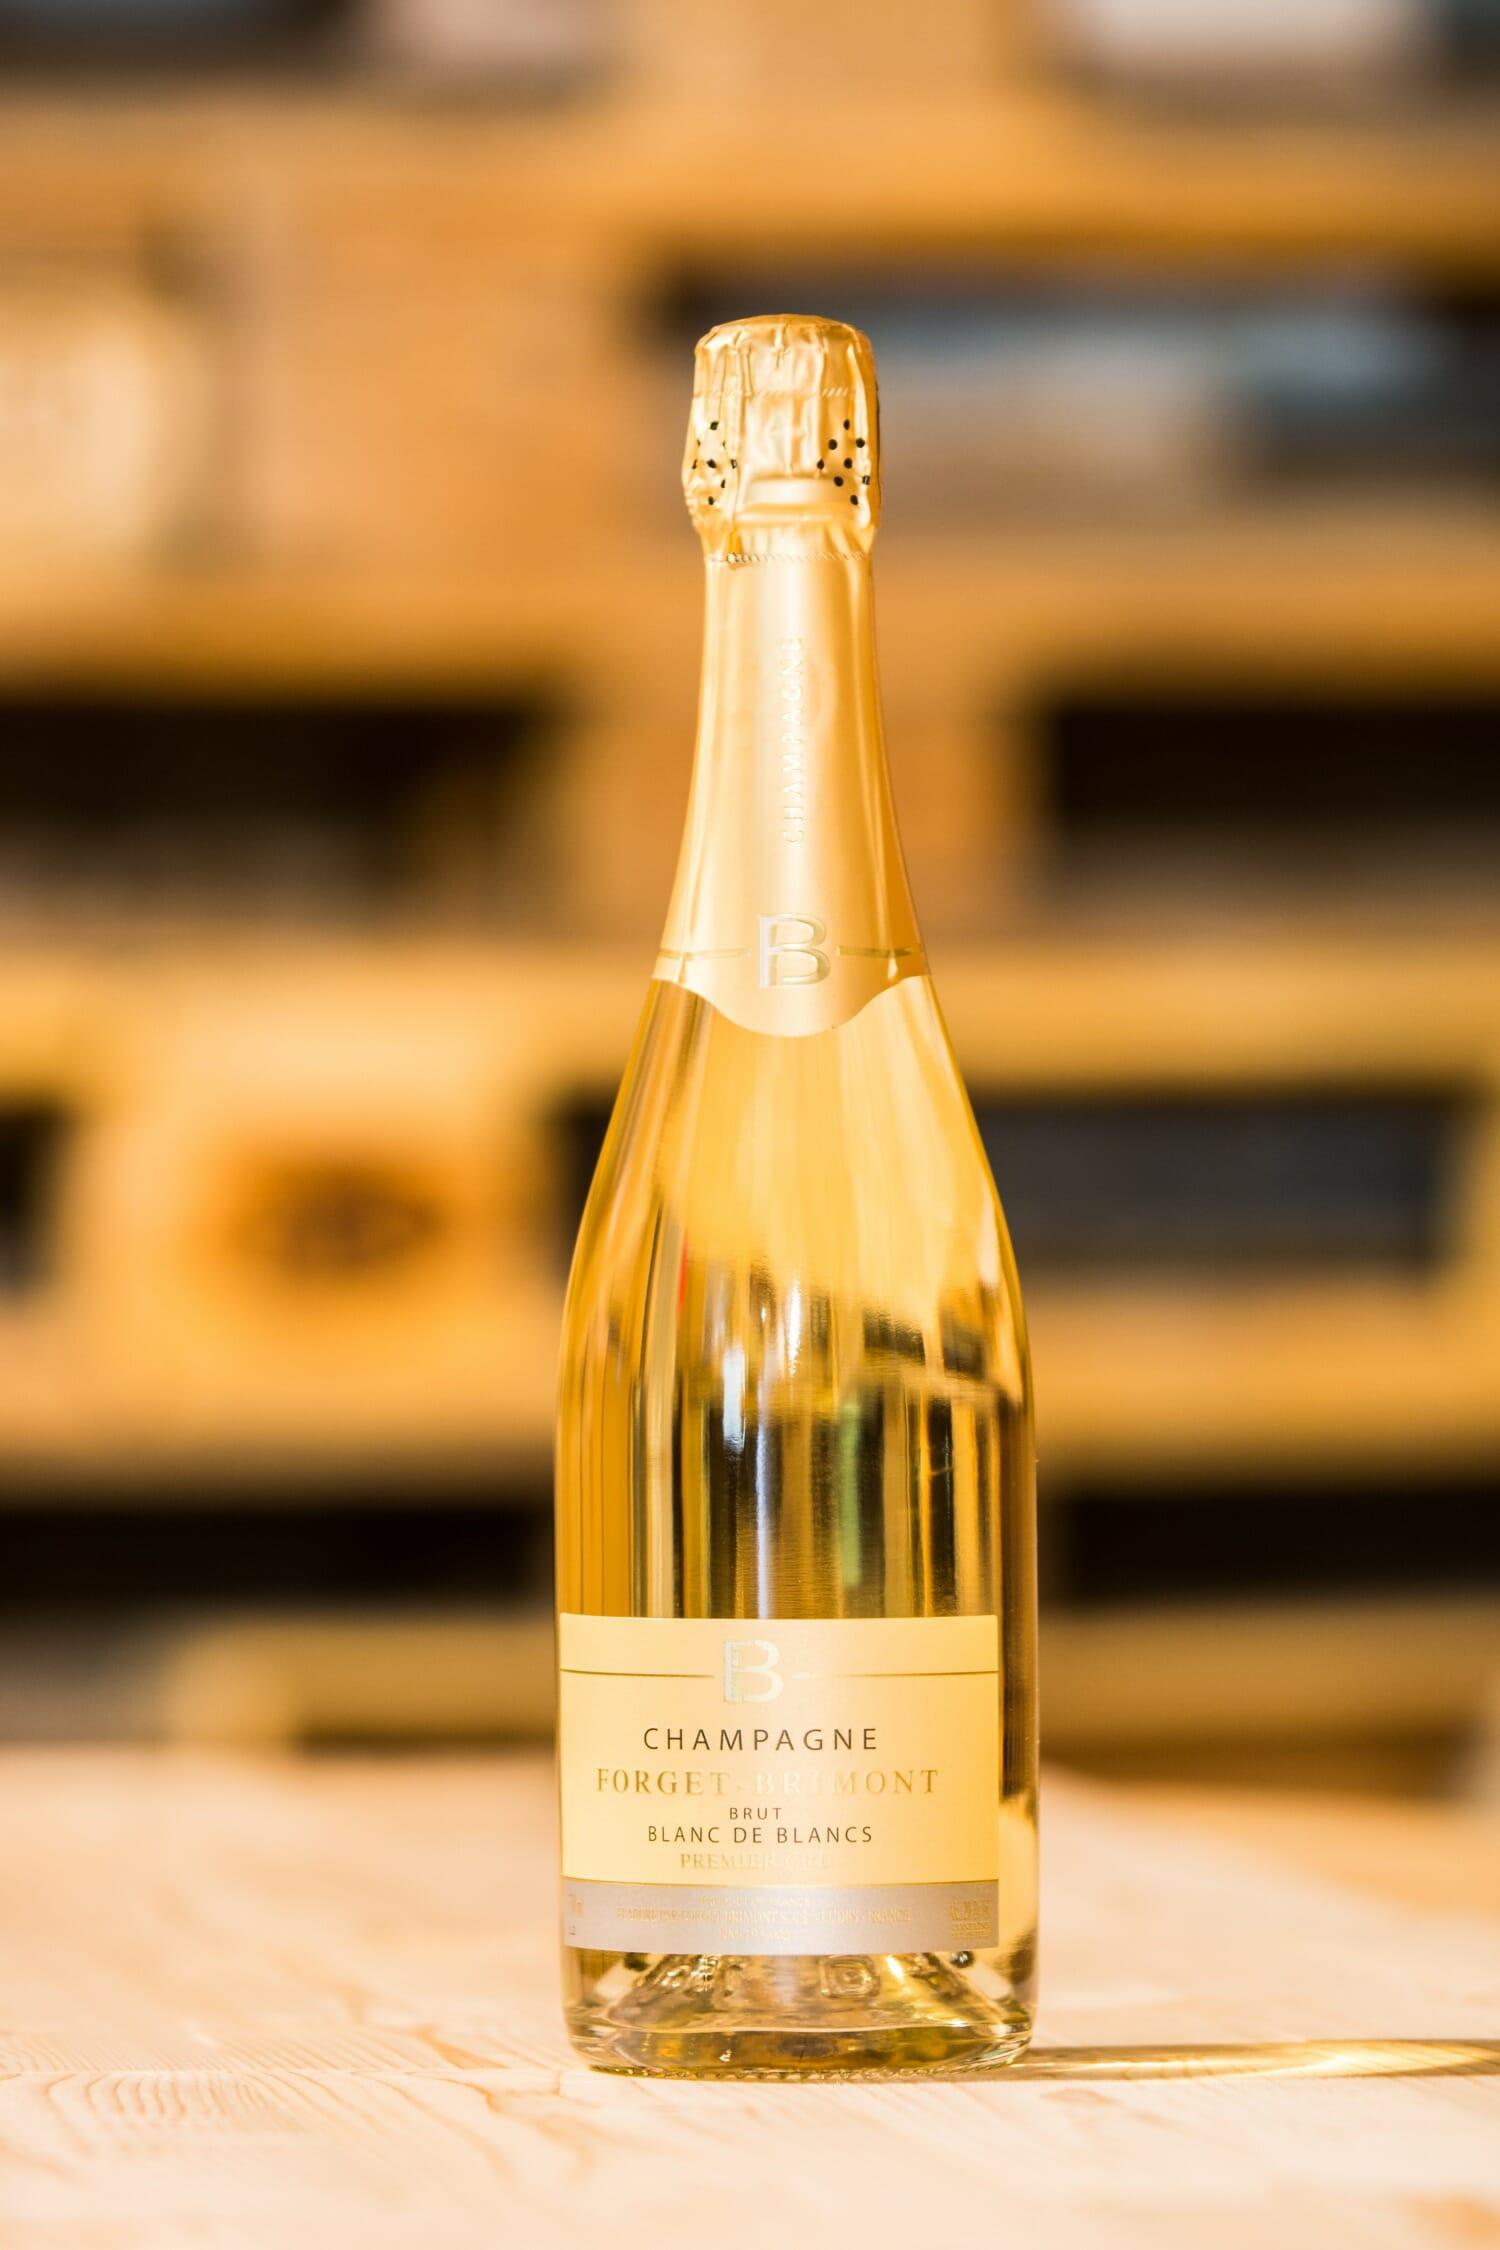 Champagne Forget-Brimont Brut Blanc de Blancs, Premier Cru